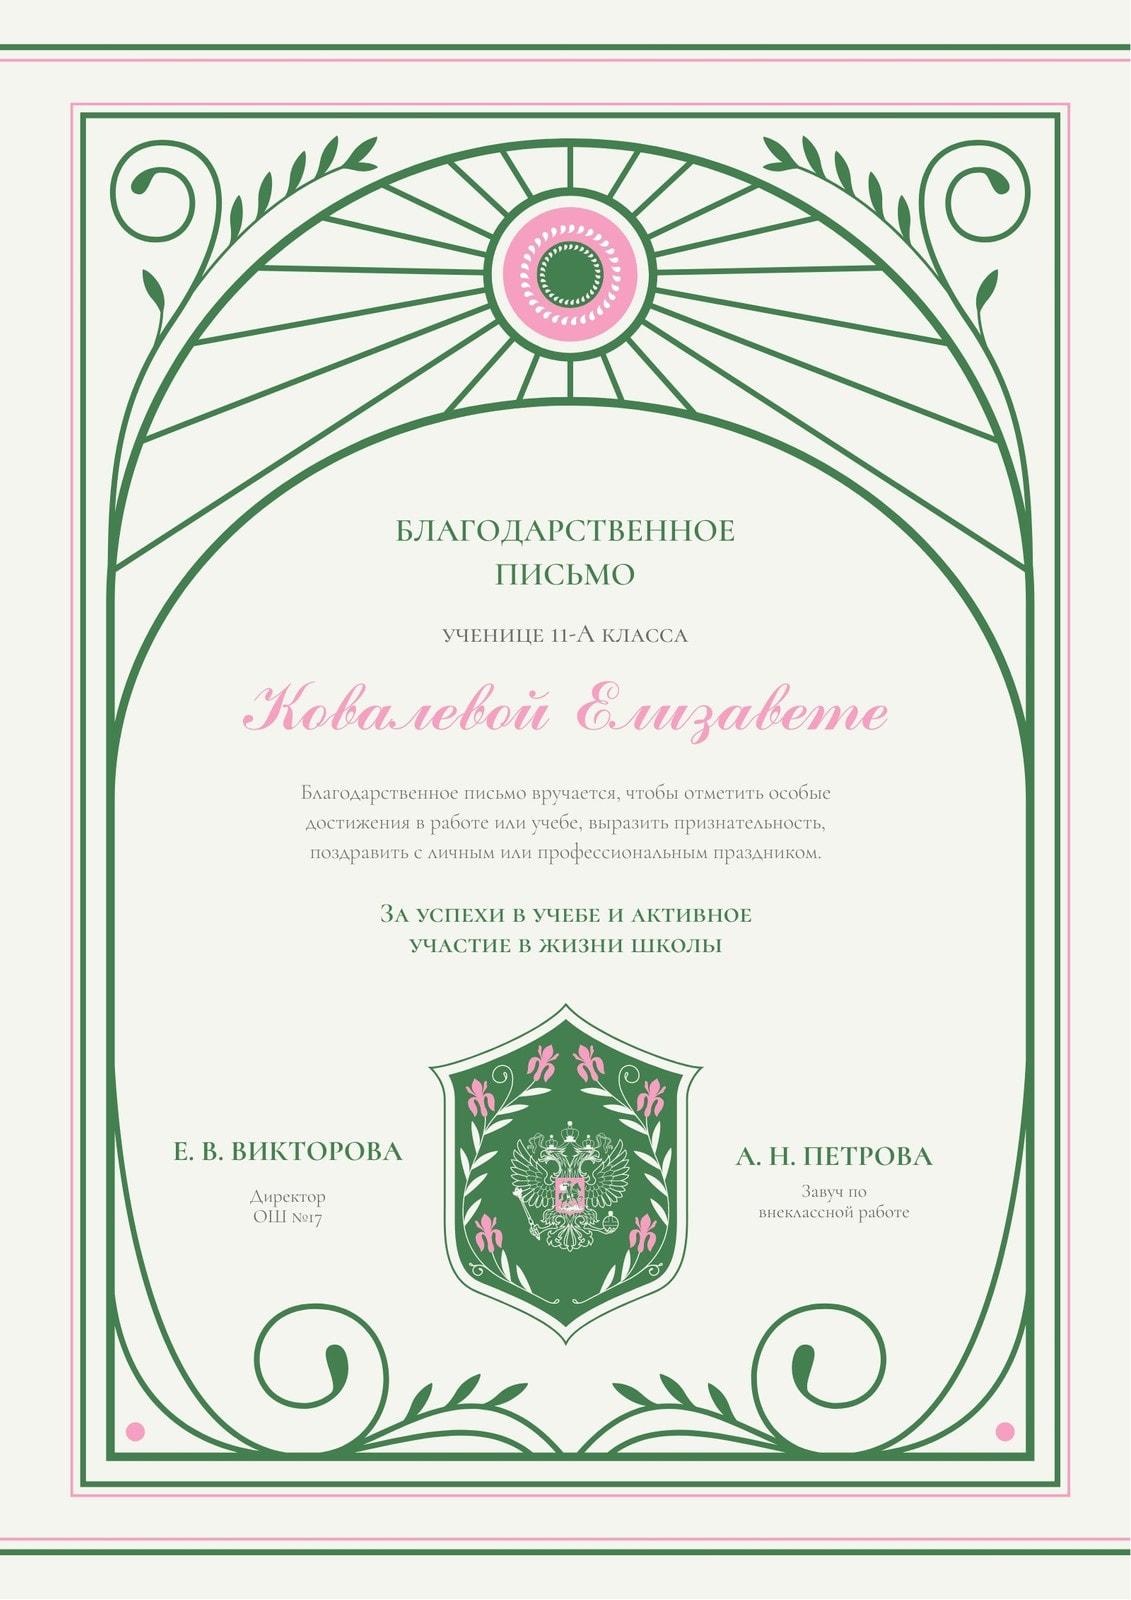 Серое формальное благодарственное письмо с зеленой и розовой графикой